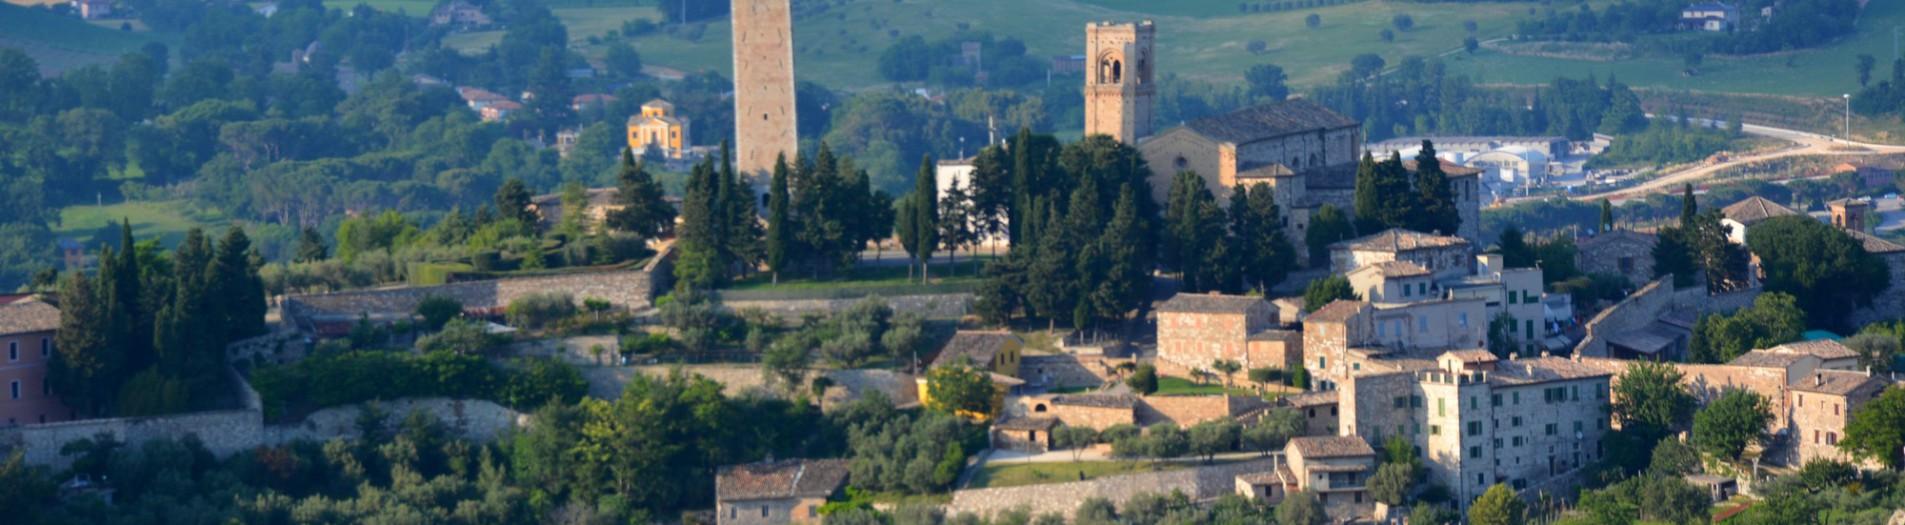 Roadtrip to San Severino Marche